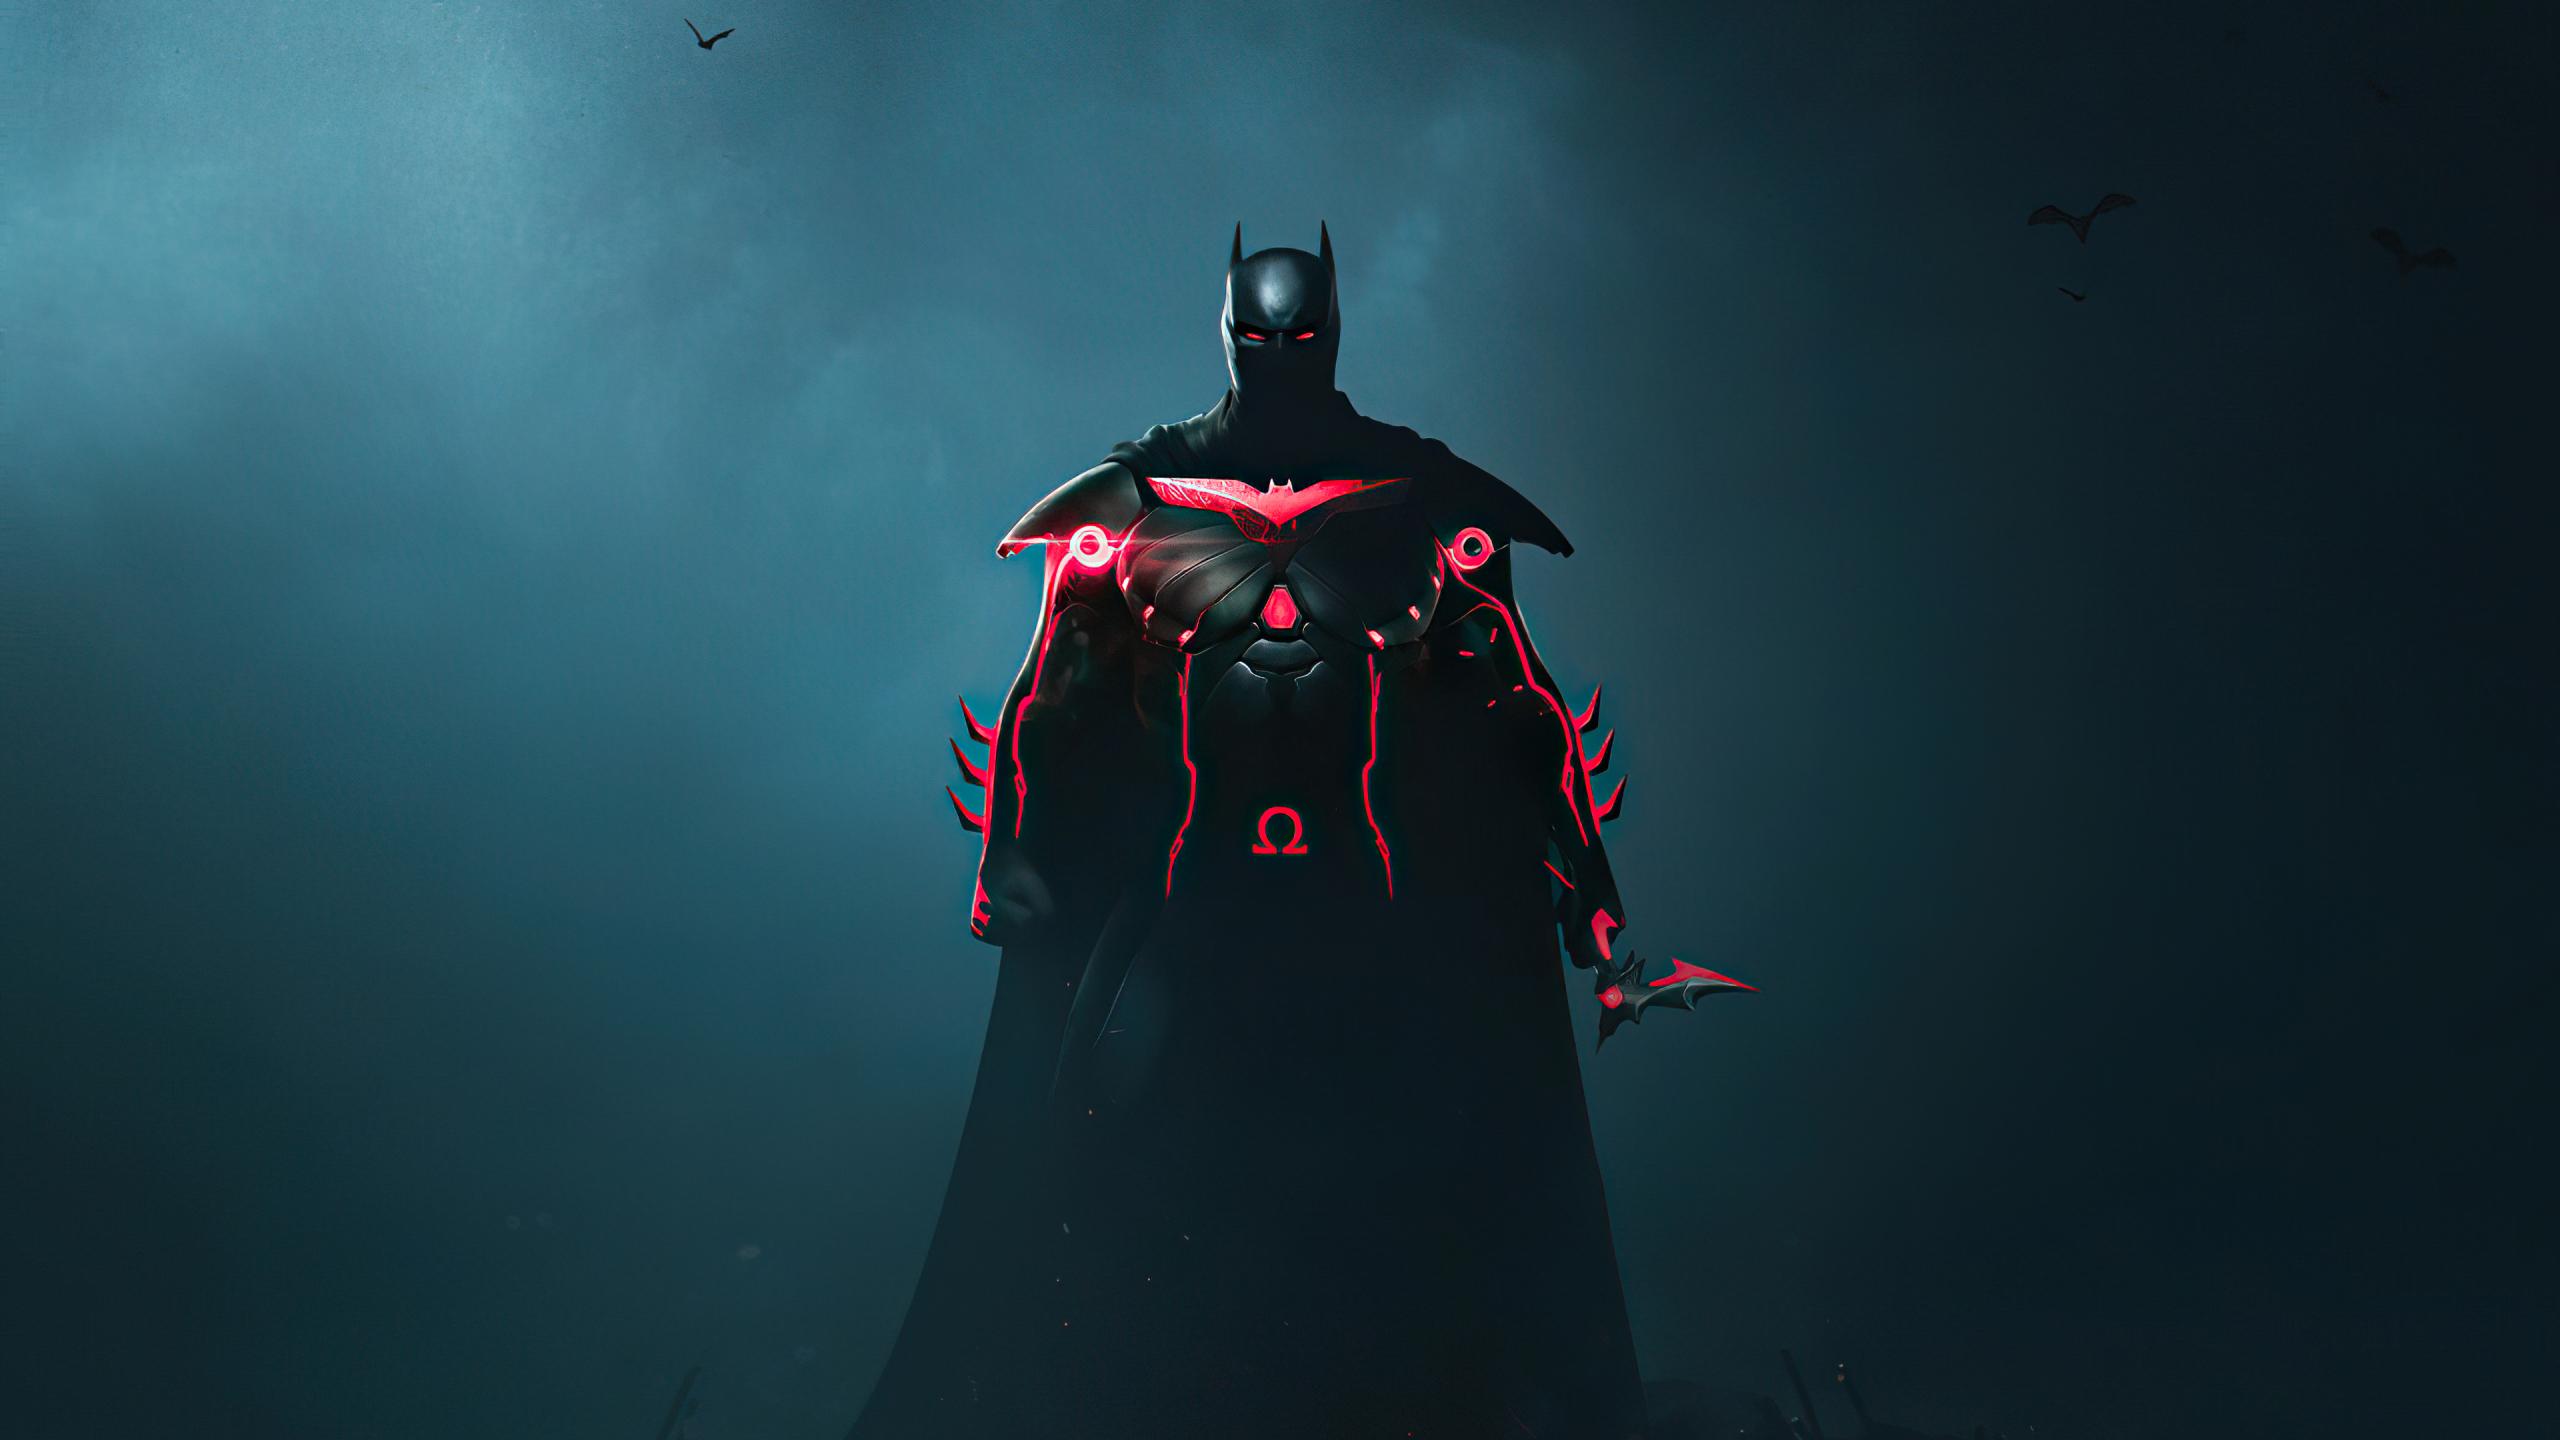 2560x1440 Batman x Cyberpunk 1440P Resolution Wallpaper ...